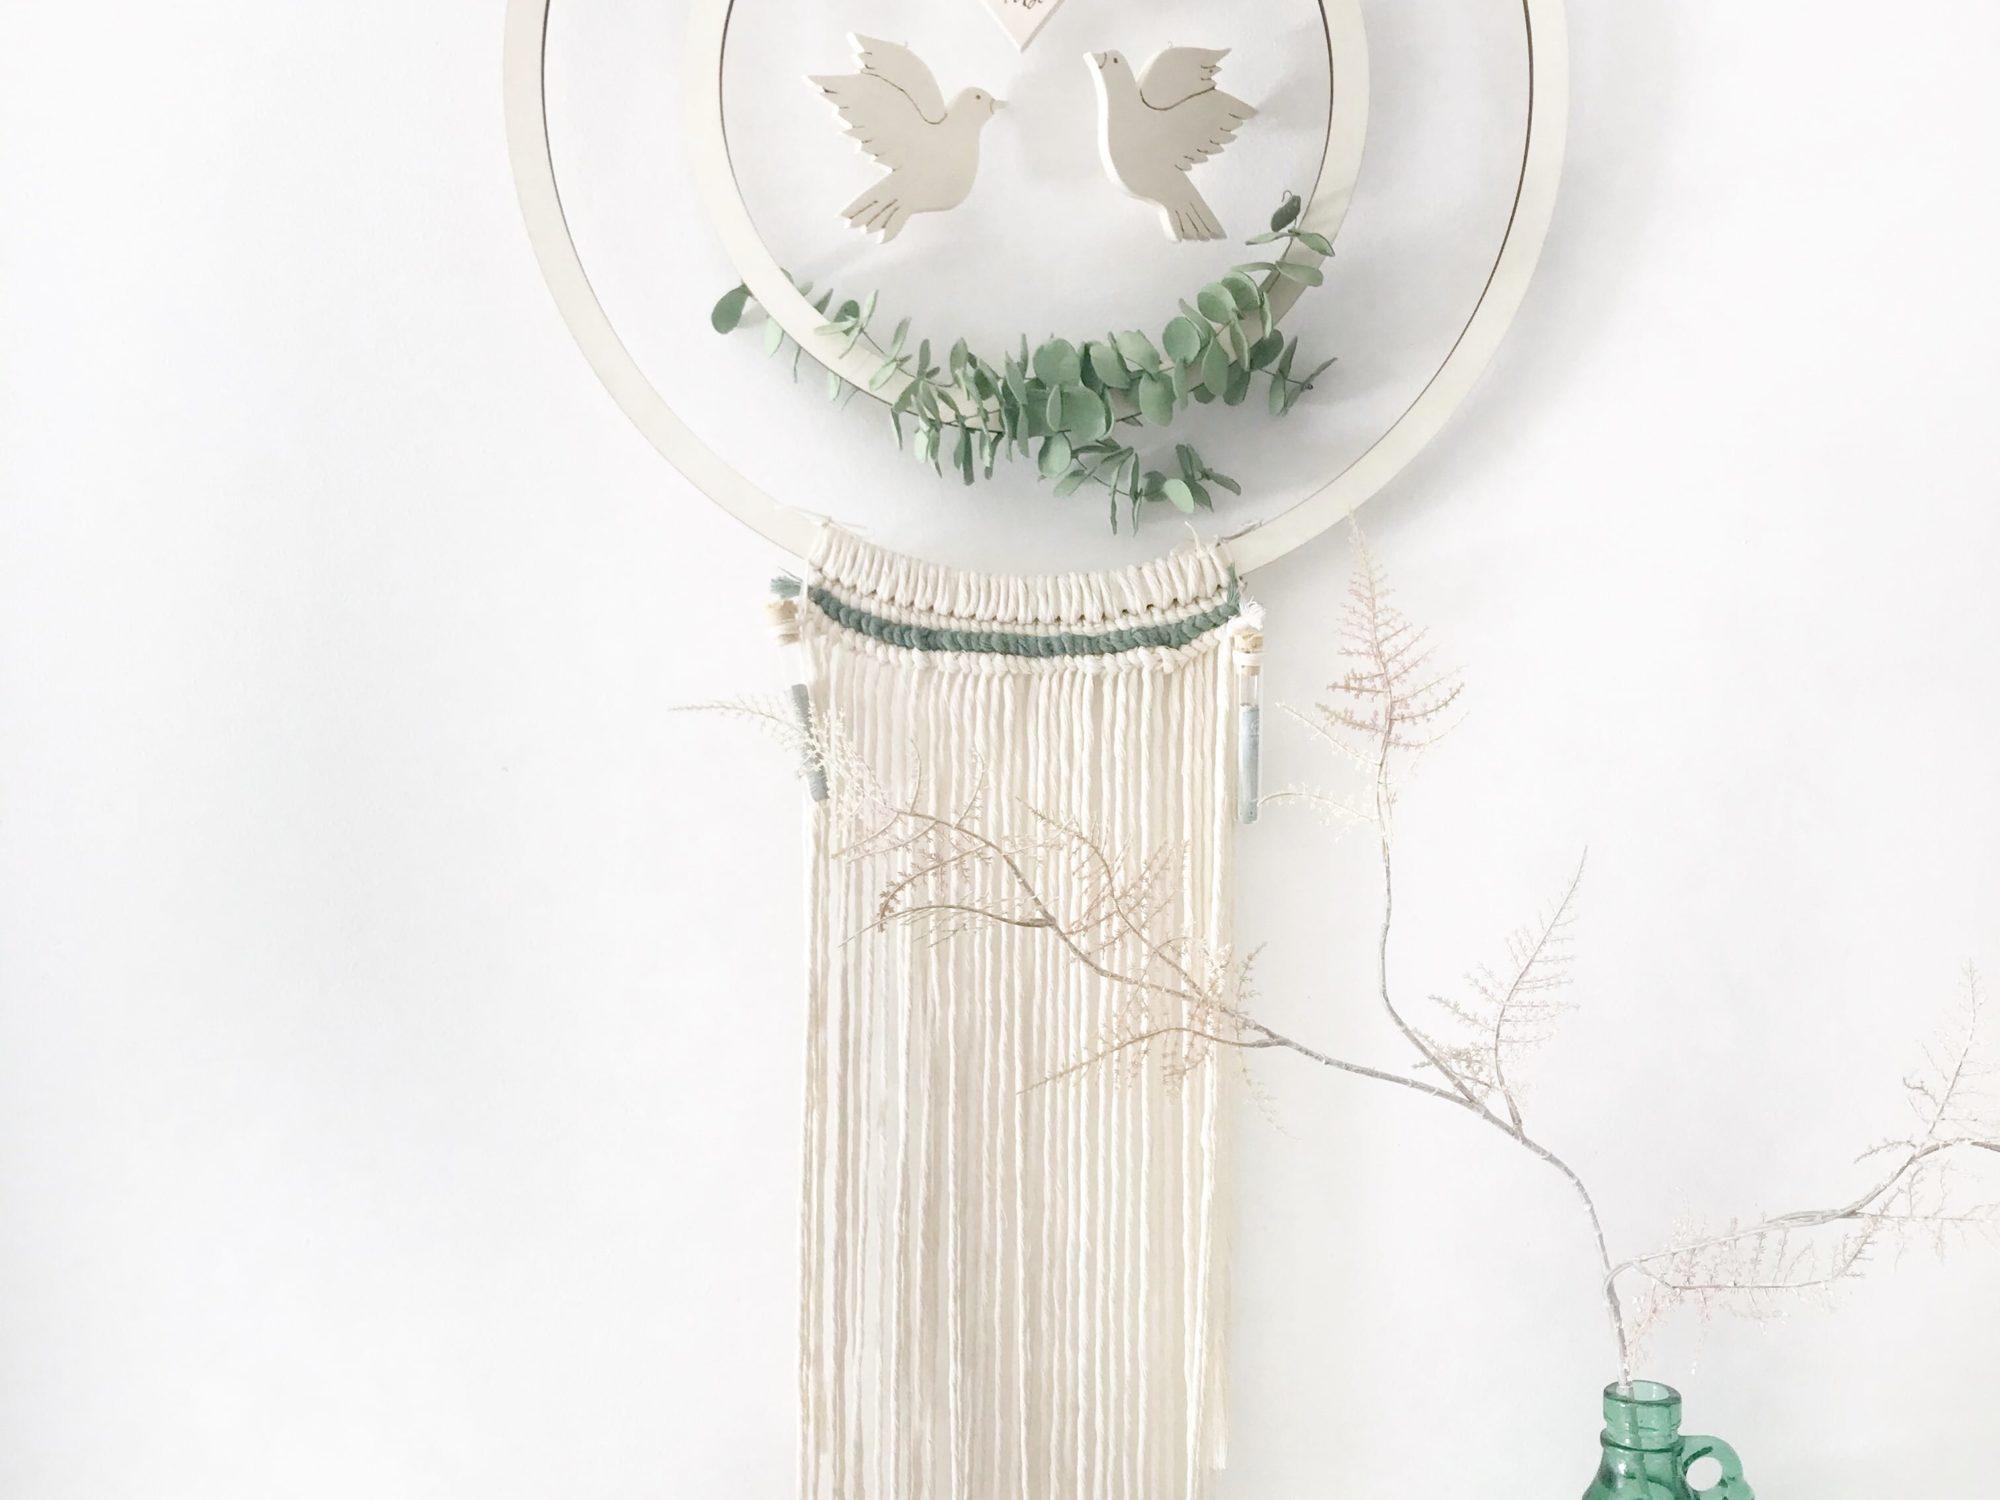 DIY Kranz zur Hochzeit als Geldgeschenk . Hula Hoop Reifen bzw. Holzkranz mit Makramee als Hocheitsgeschenk. #chalet8 #hochzeit #geldgeschenk #hulahoop